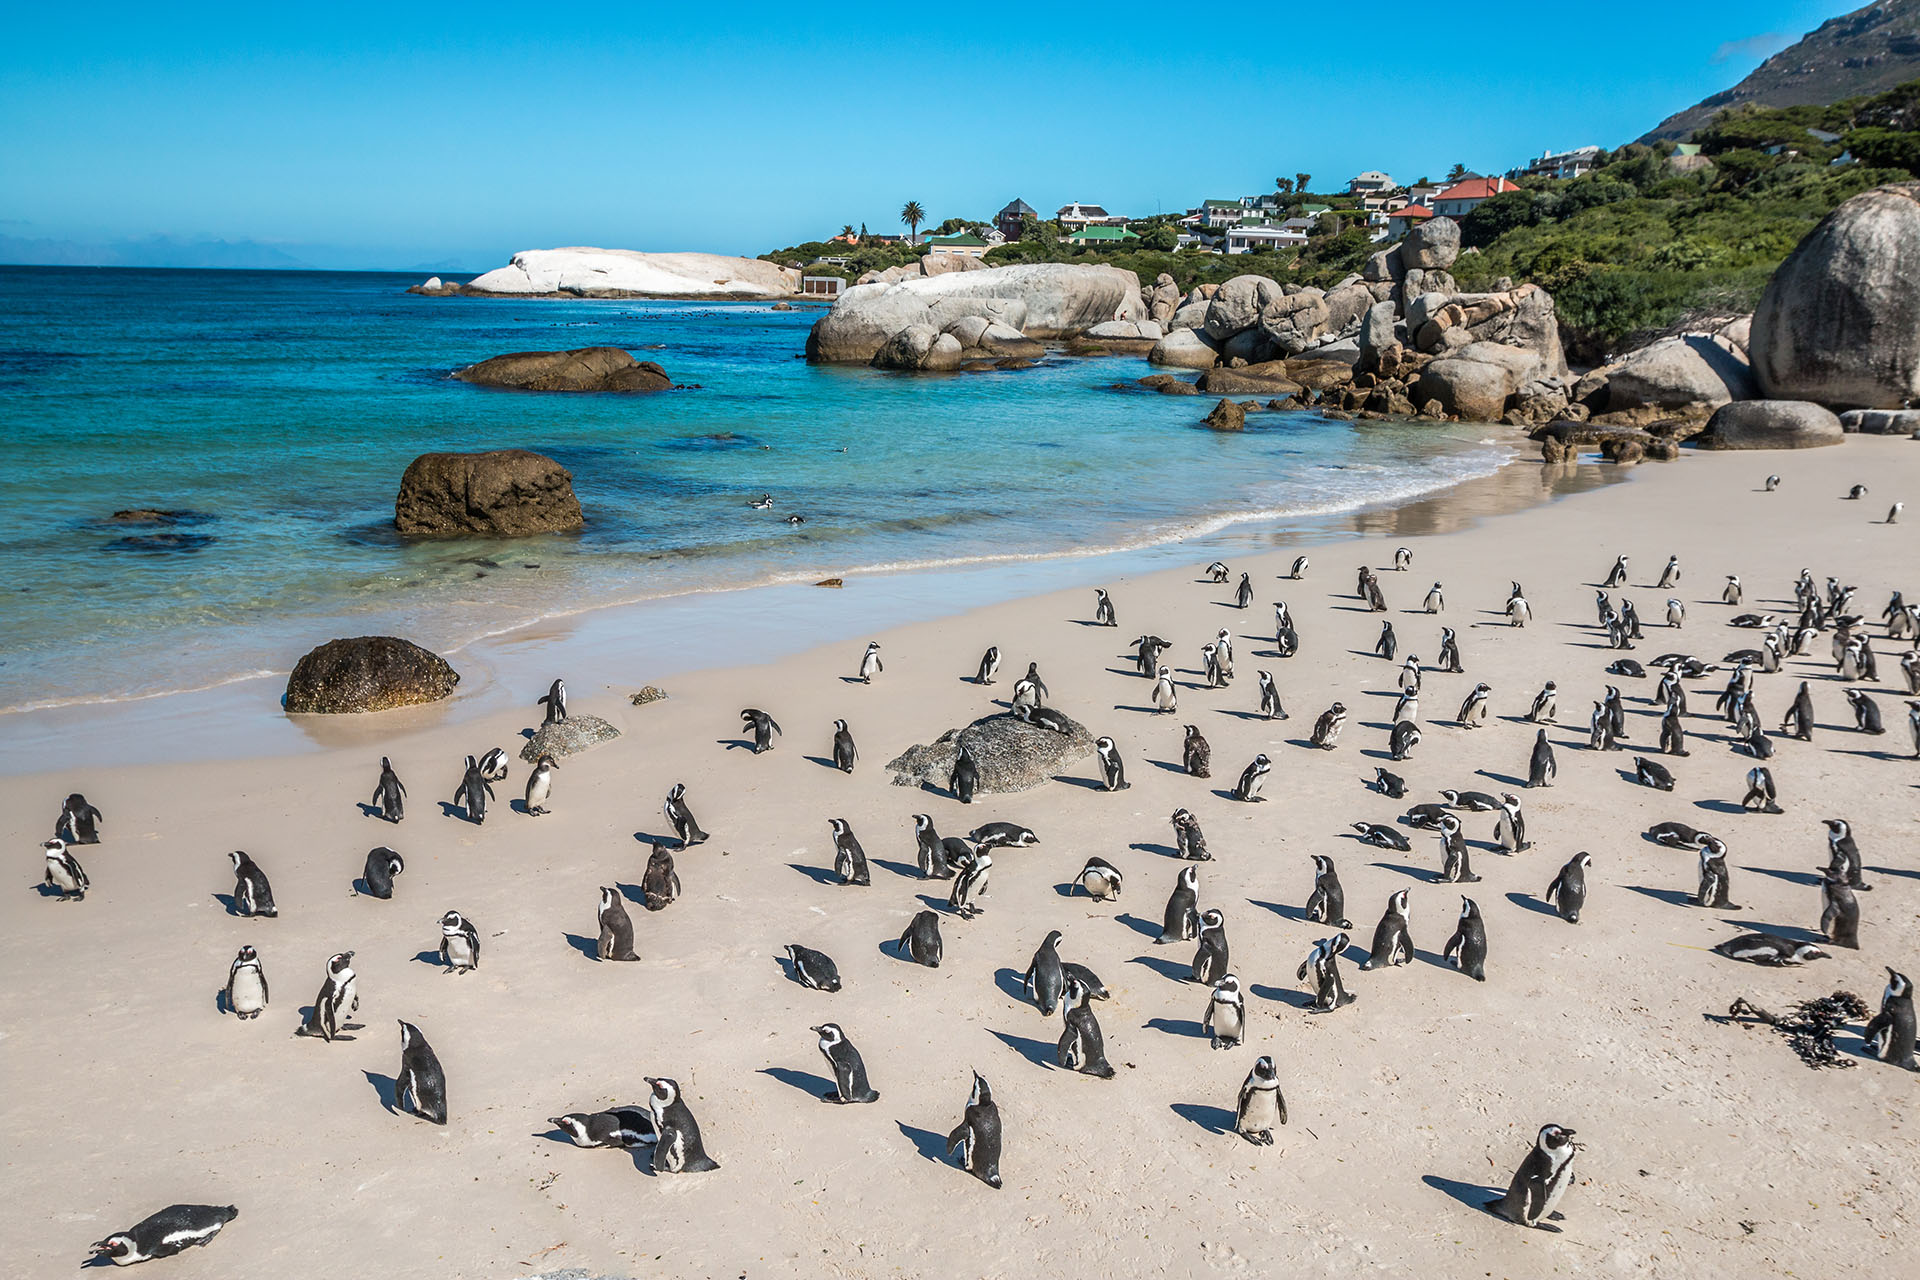 Boulders Beach tiene una particularidad: la playa se encuentra plagada de pingüinos africanos, que anidan en la playa. El verano es el mejor momento para visitar Boulders, ya que esta especie posee más actividad